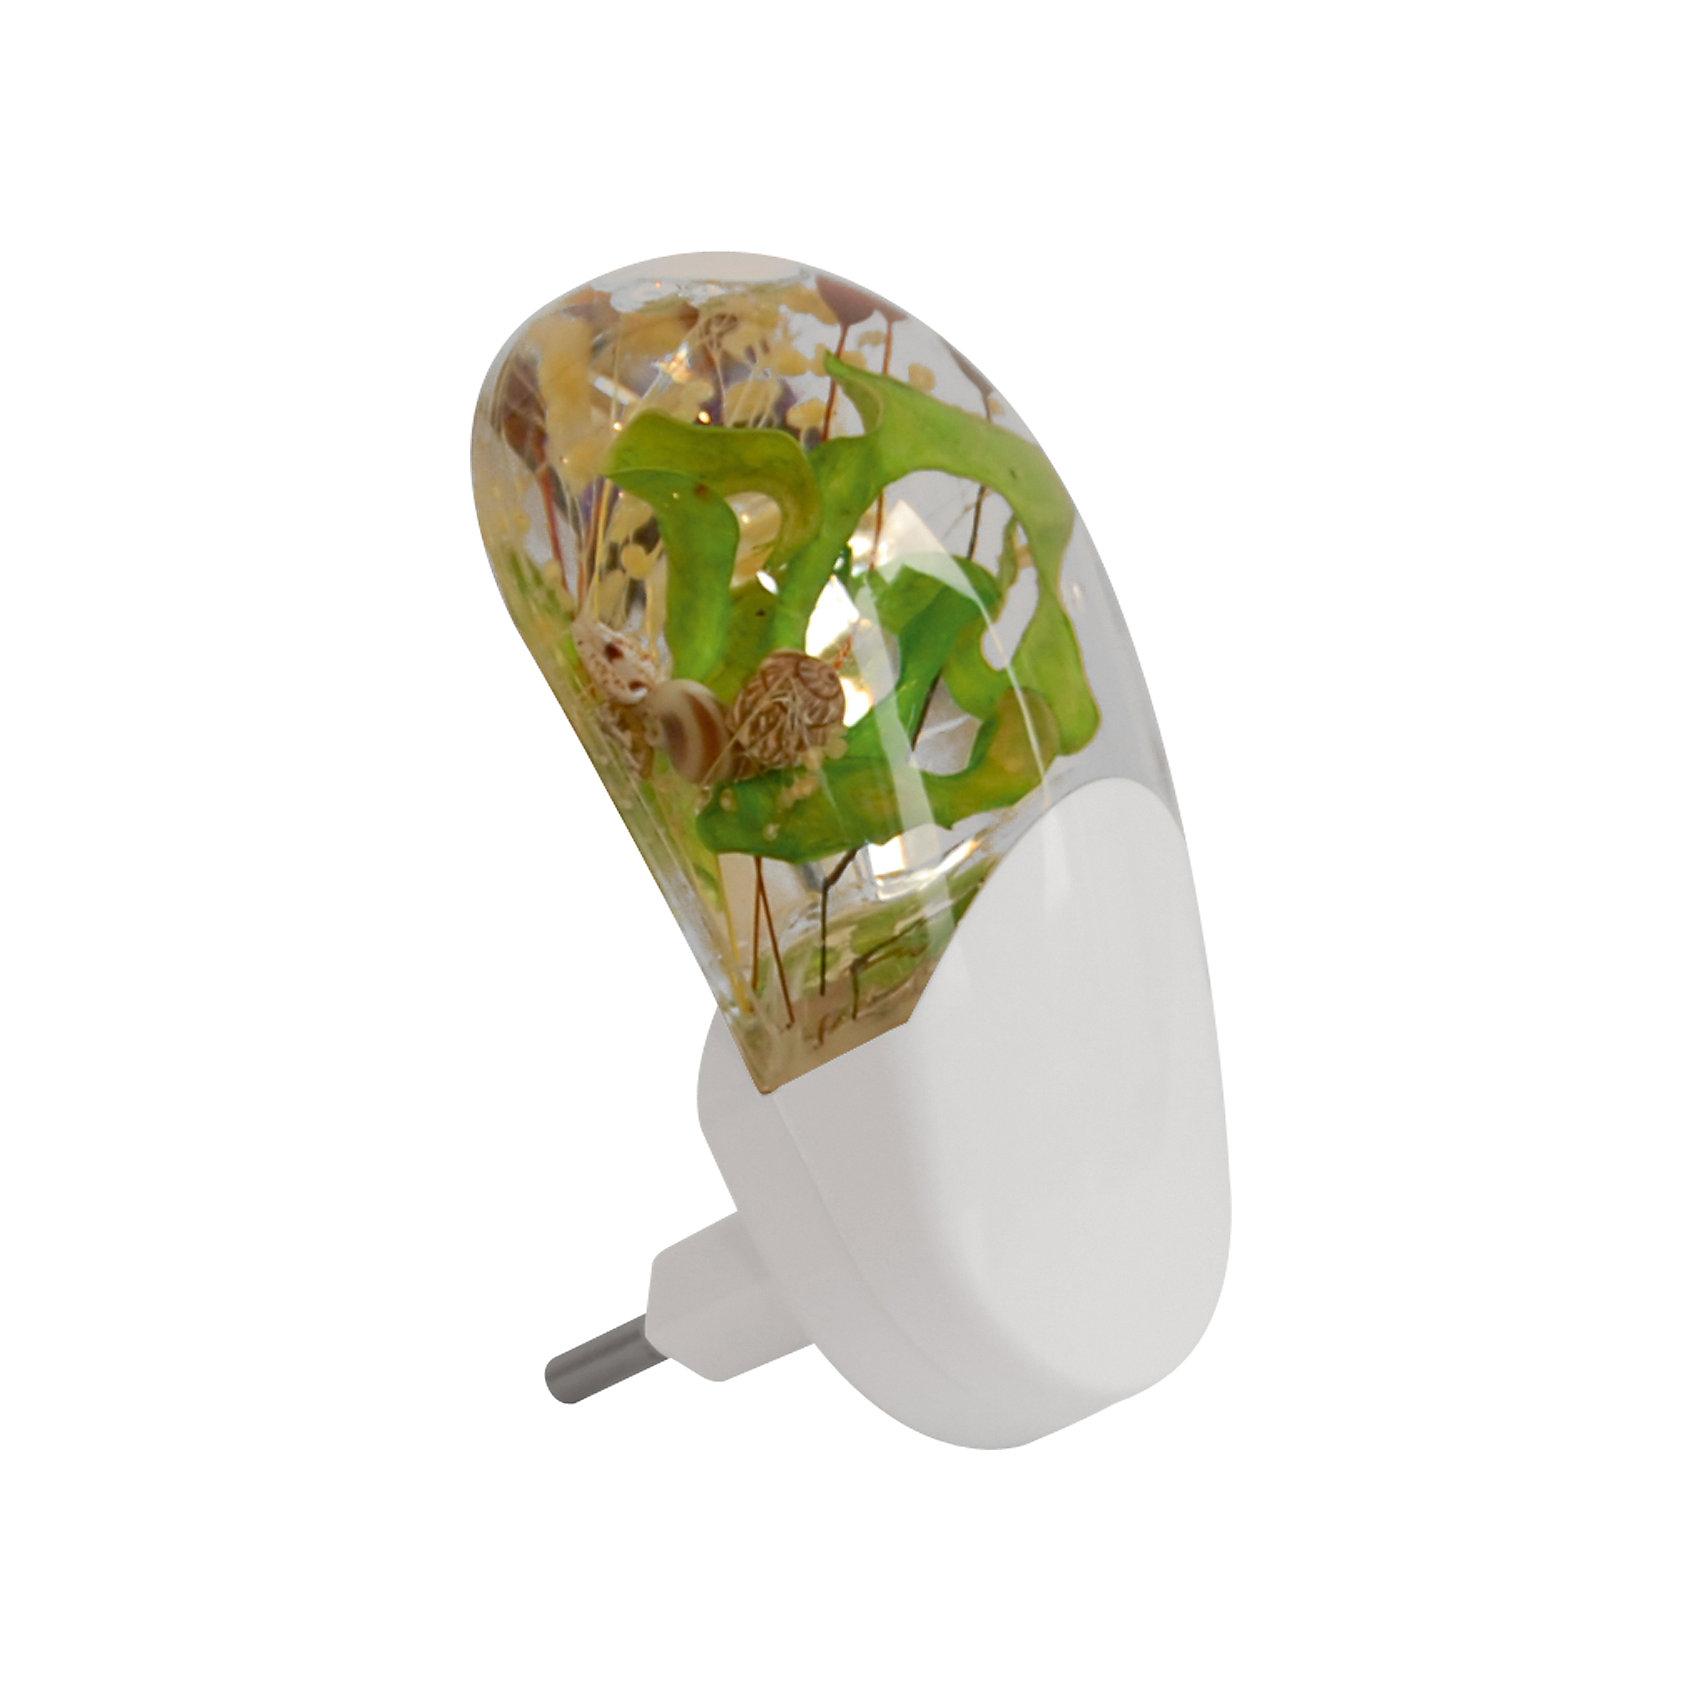 Ночник Весна LED Фотоэлемент 0.2Вт, Ultra Light, зелёныйЗеленый ночник с фотоэлементом, 40 Вт – этот светильник-ночник дополнит интерьер и создает атмосферу уюта и покоя.<br>Светильник-ночник станет световым ориентиром и успокаивающим фактором для детей и взрослых в темное время суток. Он декорирован нежным букетом сухоцветов и миниатюрными ракушками, и ассоциируется с весной. Работает на базе трех светодиодов. Светильник включается в розетку и не нуждается в отключении, так как оснащен датчиком освещенности. Датчик распознает уровень яркости в помещении и производит автоматическое отключение и включение питания. Прозрачные элементы светильника подсвечиваются плавным переливанием цветов: красный, зелёный, синий. Светильник-ночник не нагревается во время работы, светодиоды имеют долгий срок службы. Предусмотрено прямое подключение к различным типам розеток.<br><br>Дополнительная информация:<br><br>- Материал: пластик<br>- Источник света: LED 0,5Вт<br>- Срок службы светодиодов 80000 часов.<br>- Напряжение: 220В<br>- Низкое потребление электроэнергии (0,2 Вт)<br>- Размер светильника: 6 х 7,5 х 11 см.<br>- Размер упаковки: 11,5 х 8 х 17,5 см.<br>- Вес: 150 гр.<br><br>Зеленый ночник с фотоэлементом, 40 Вт можно купить в нашем интернет-магазине.<br><br>Ширина мм: 115<br>Глубина мм: 80<br>Высота мм: 175<br>Вес г: 150<br>Возраст от месяцев: 36<br>Возраст до месяцев: 192<br>Пол: Унисекс<br>Возраст: Детский<br>SKU: 4641445